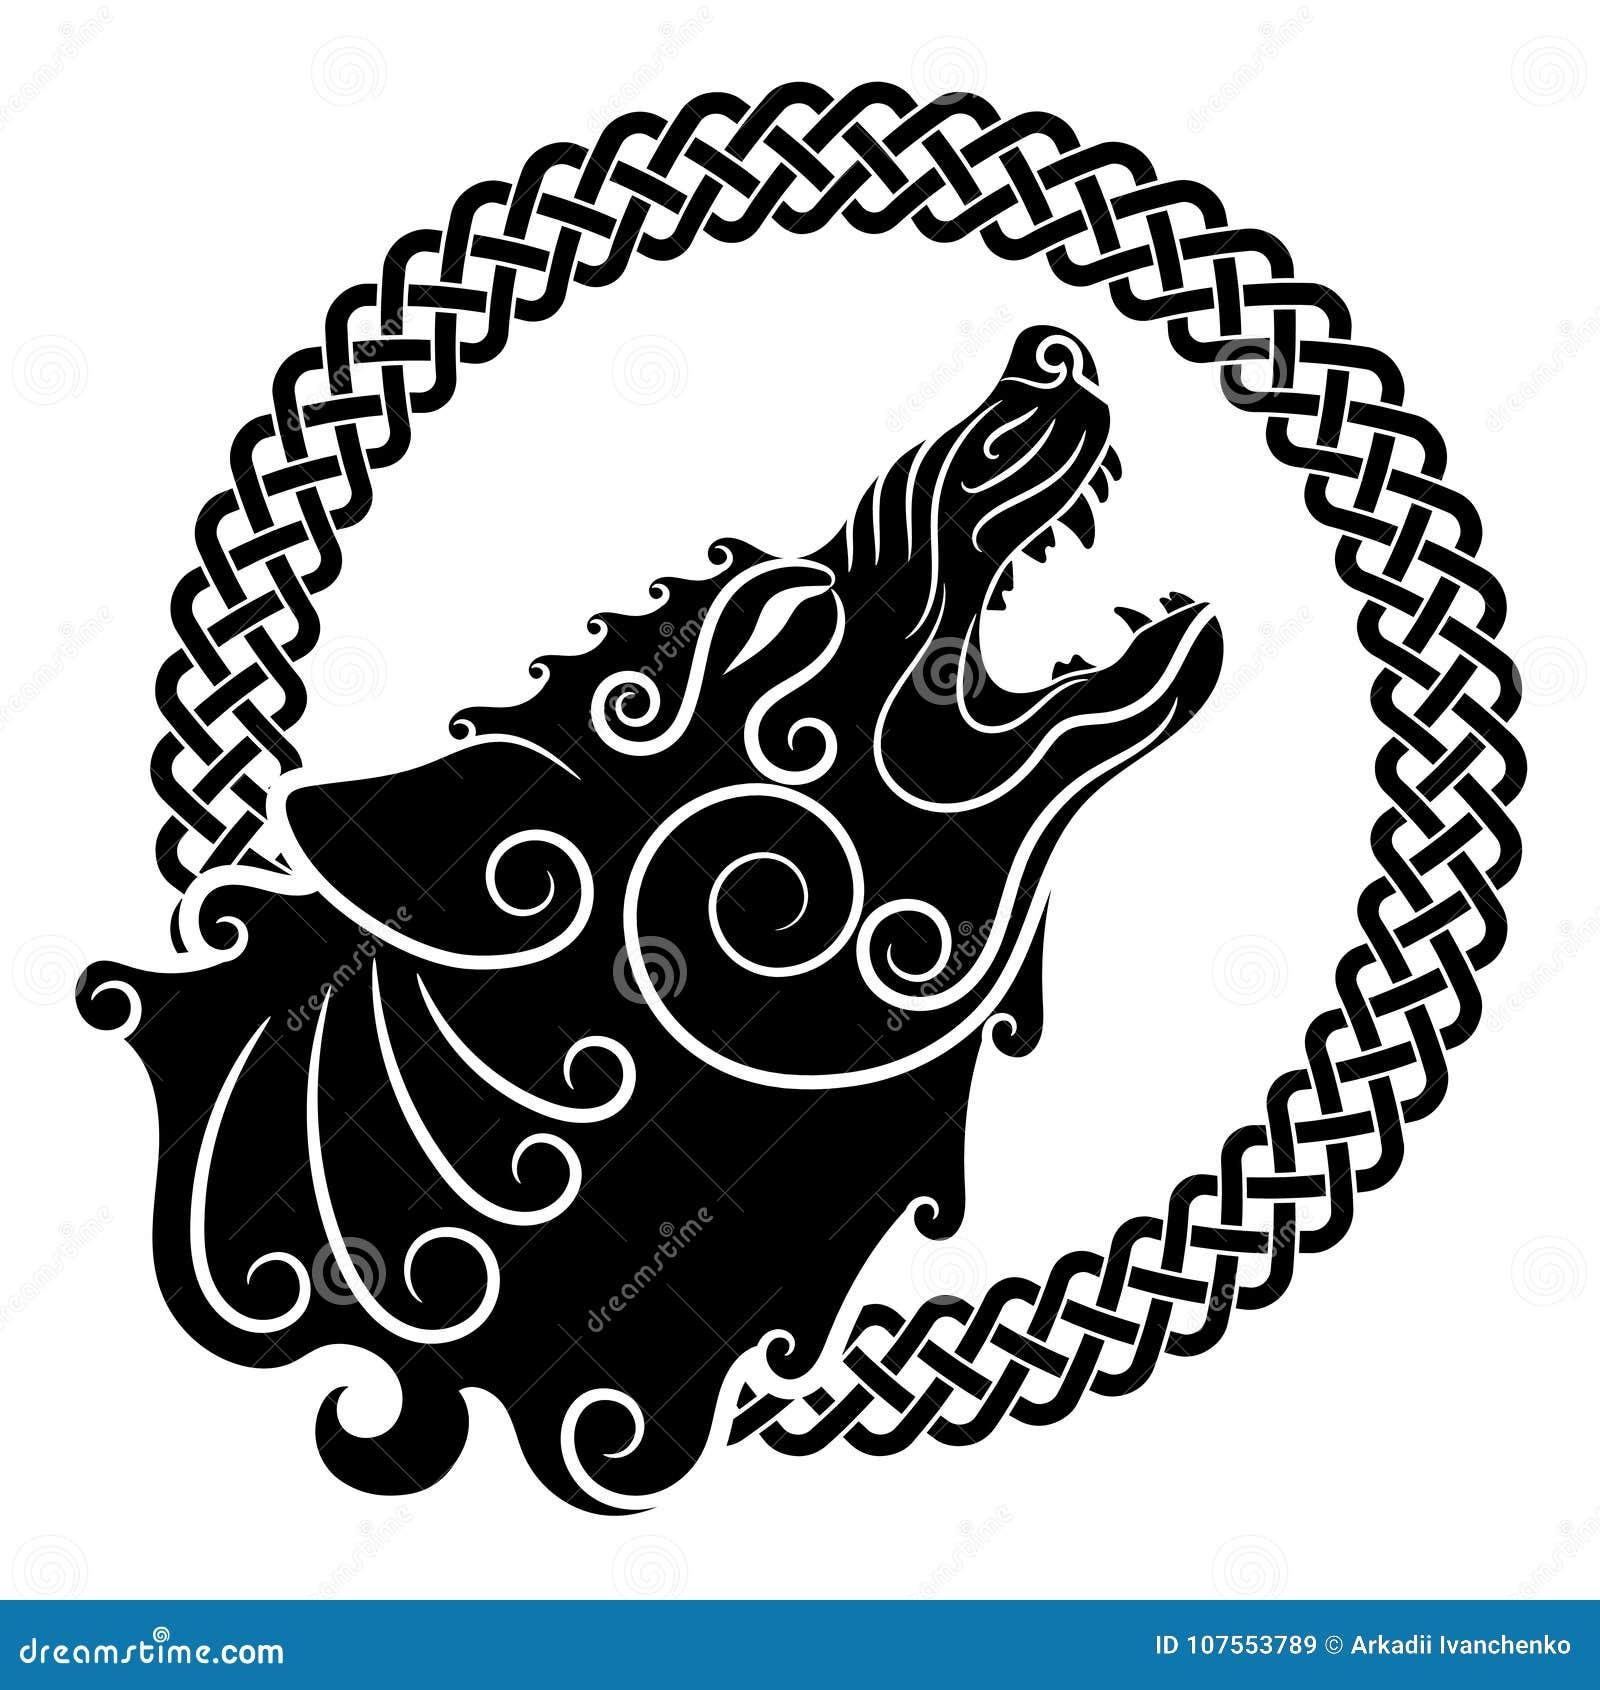 Lobo en de estilo celta, lobo del grito en el ornamento céltico